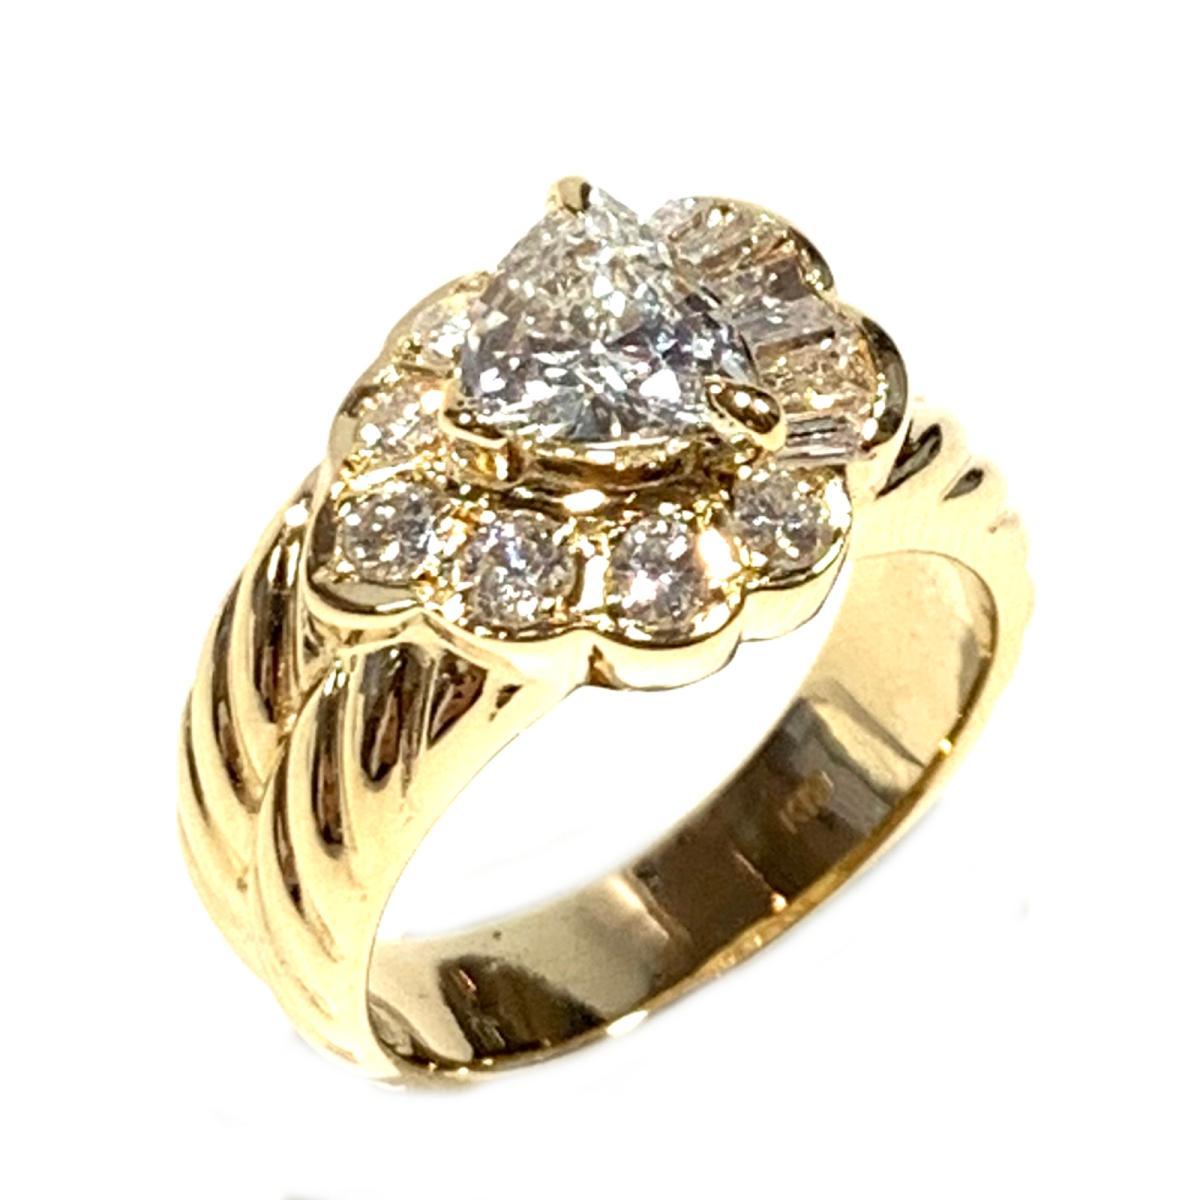 【中古】 ジュエリー ダイヤモンド リング 指輪 レディース K18YG (750) イエローゴールド x ゴールド | JEWELRY BRANDOFF ブランドオフ ブランド アクセサリー